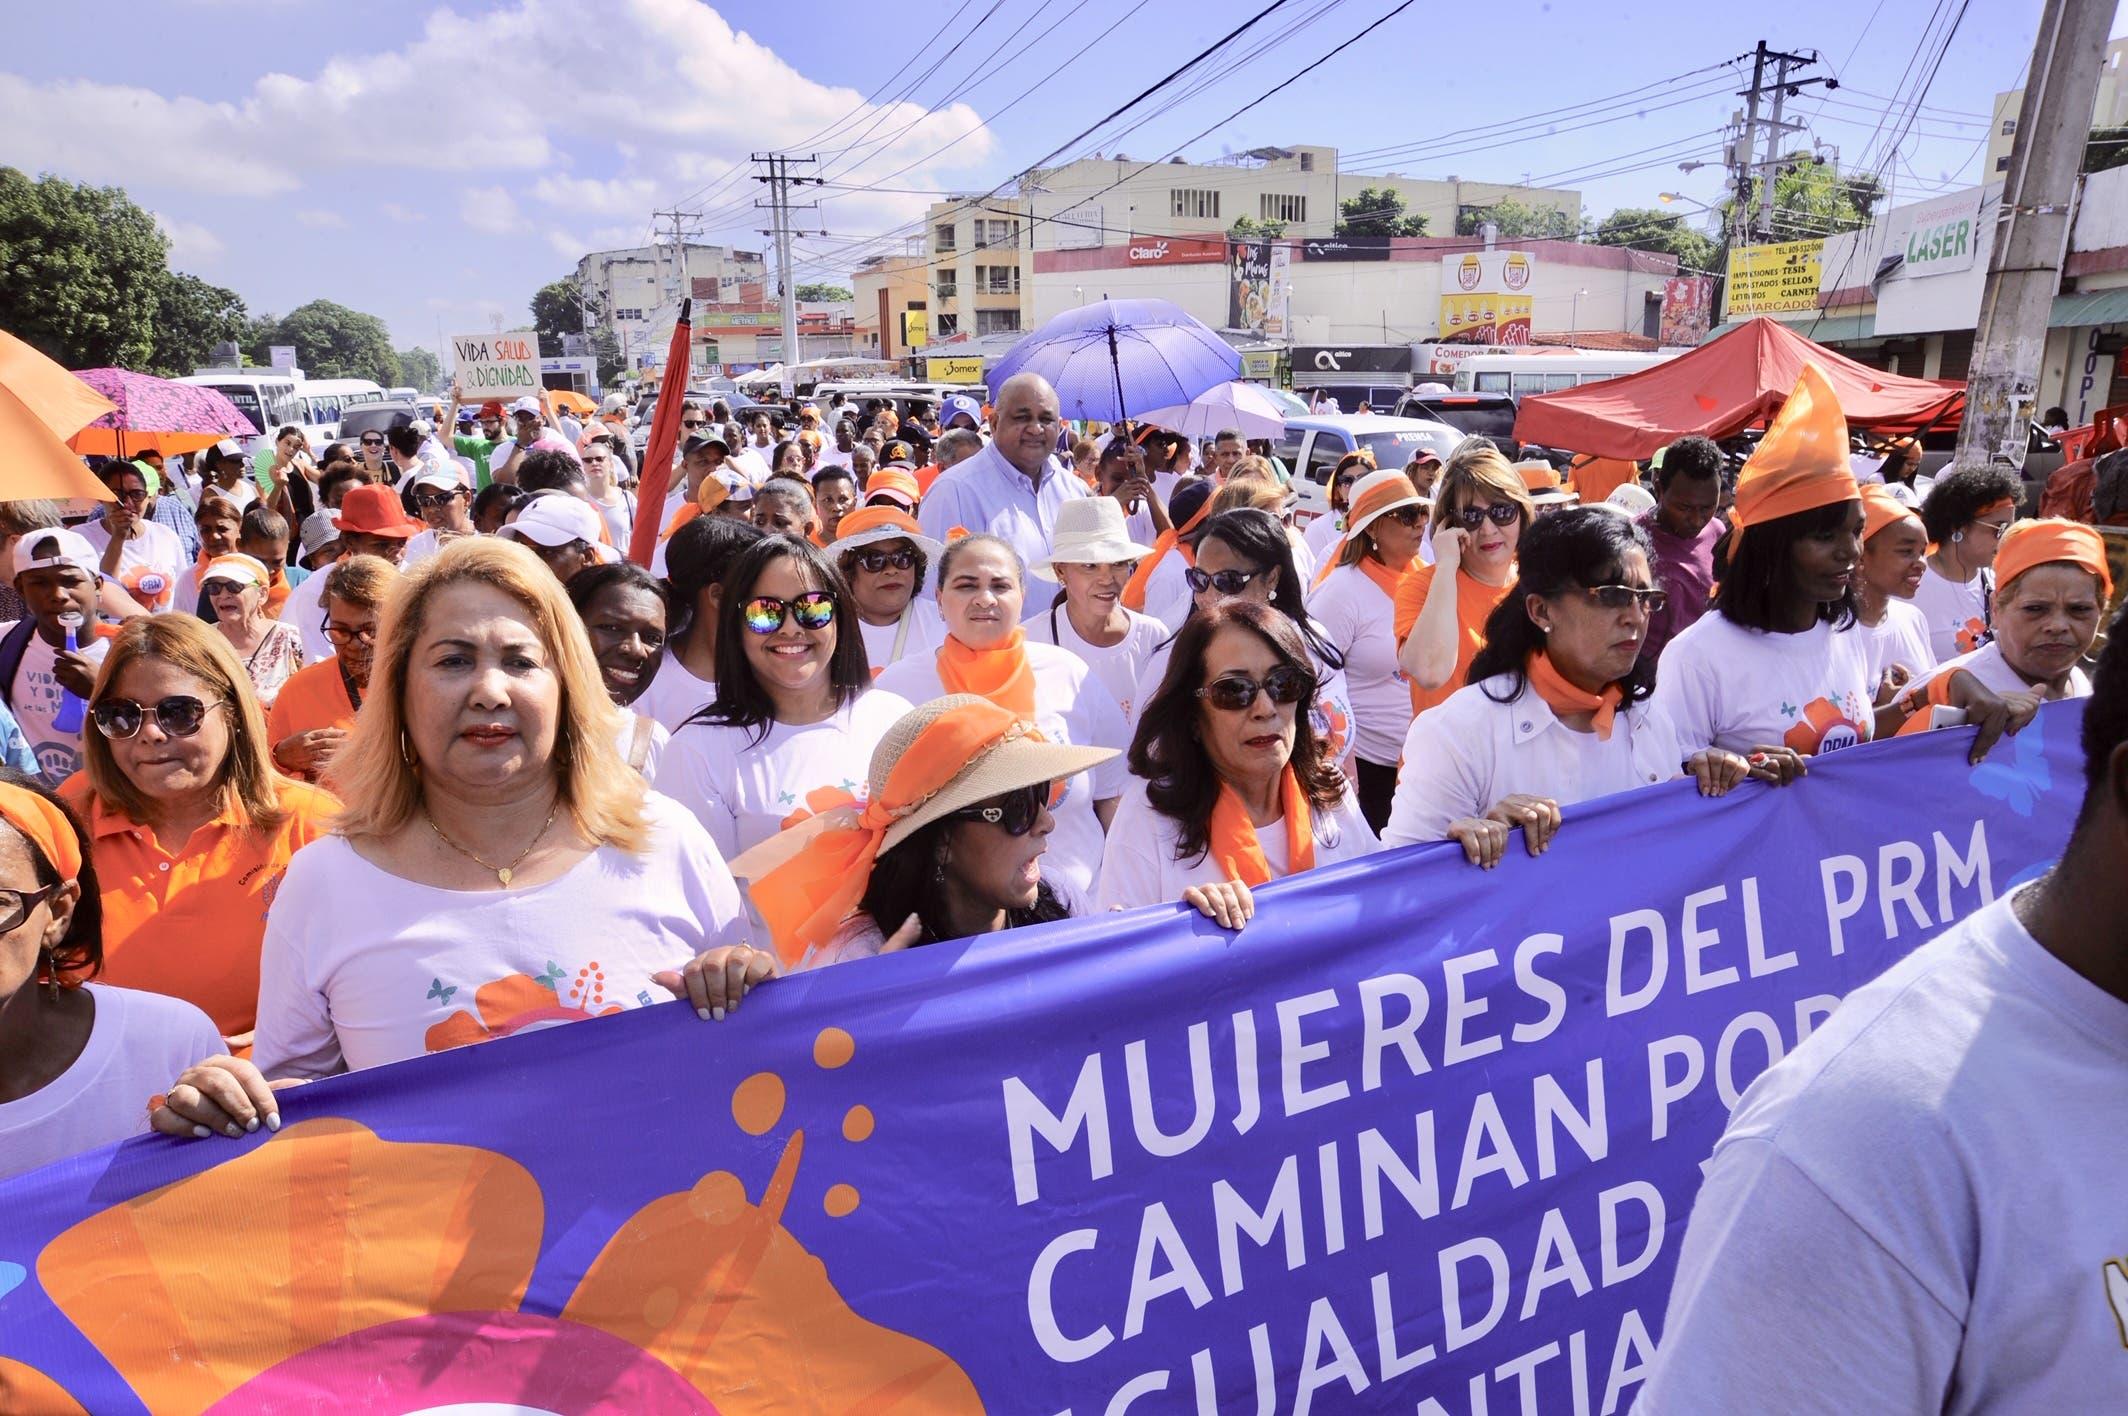 La marcha fue realizada desde la UASD hasta el Congreso Nacional.